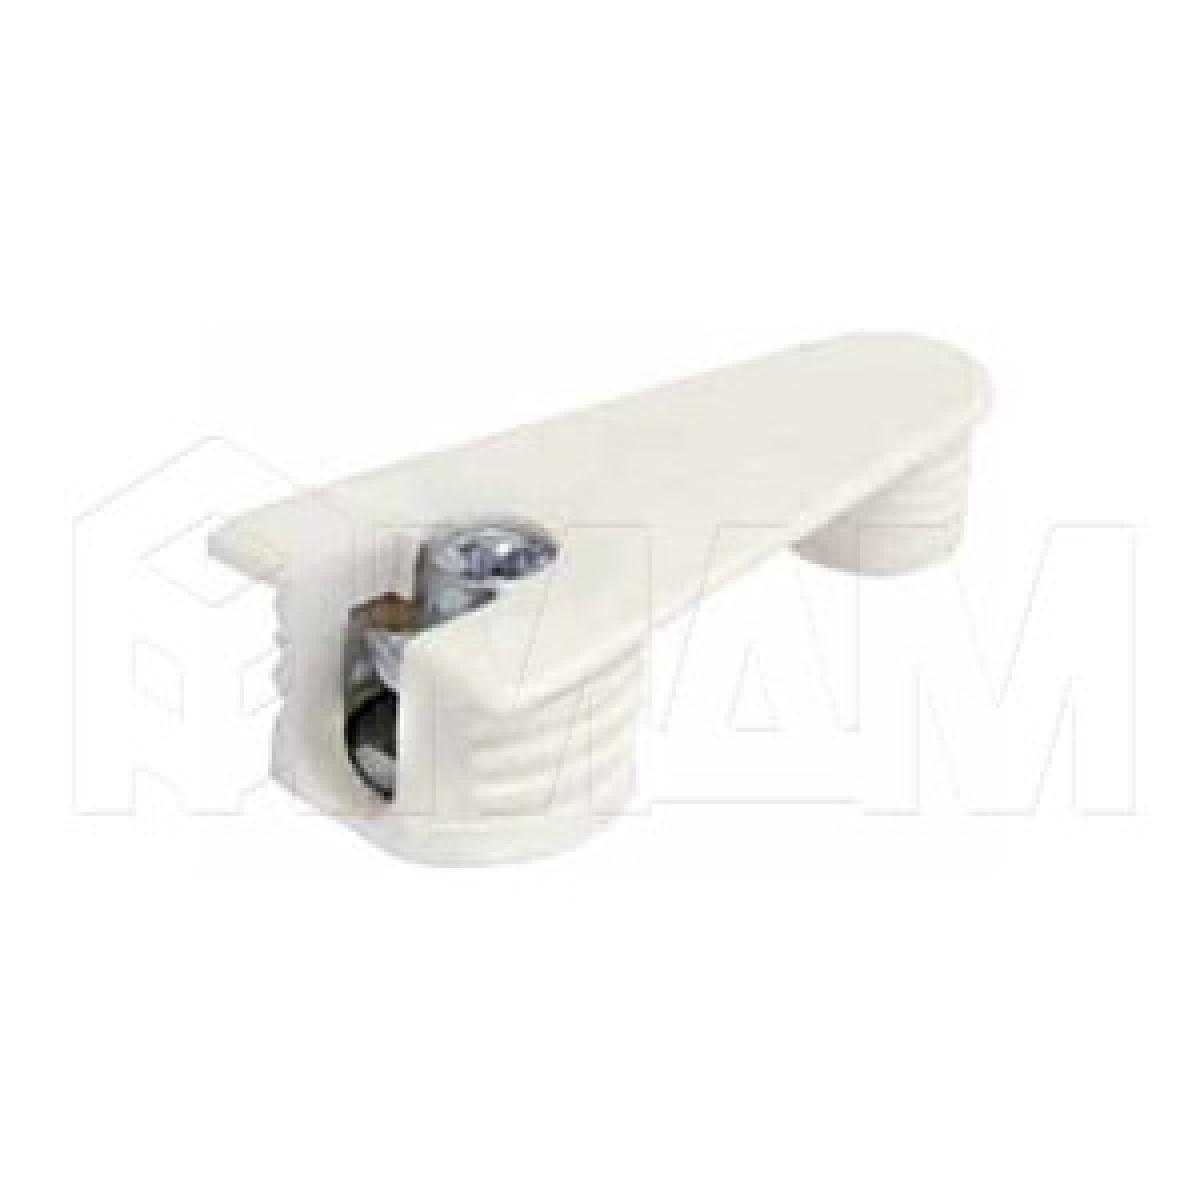 Эксцентрик усиленный в пластиковом корпусе с дополнительной футоркой 16 мм, белый